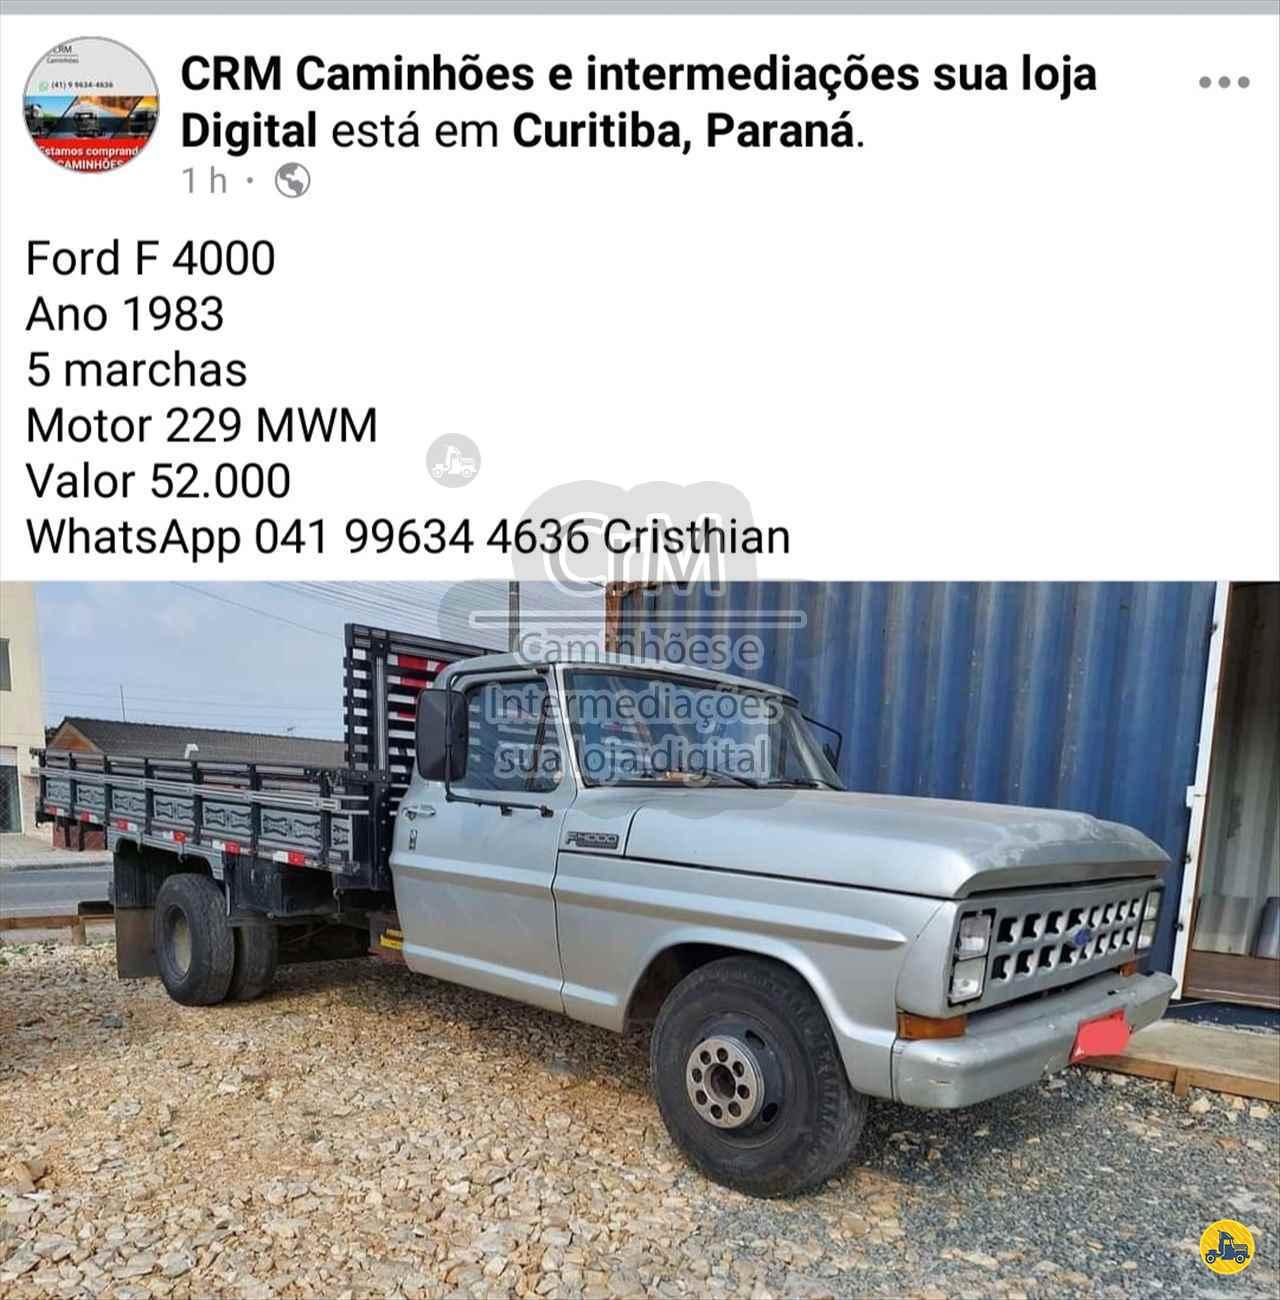 CAMINHAO FORD F4000 Carga Seca 3/4 4x2 CrM Caminhões e Intermediações - Sua Loja Digital CAMPINA GRANDE DO SUL PARANÁ PR